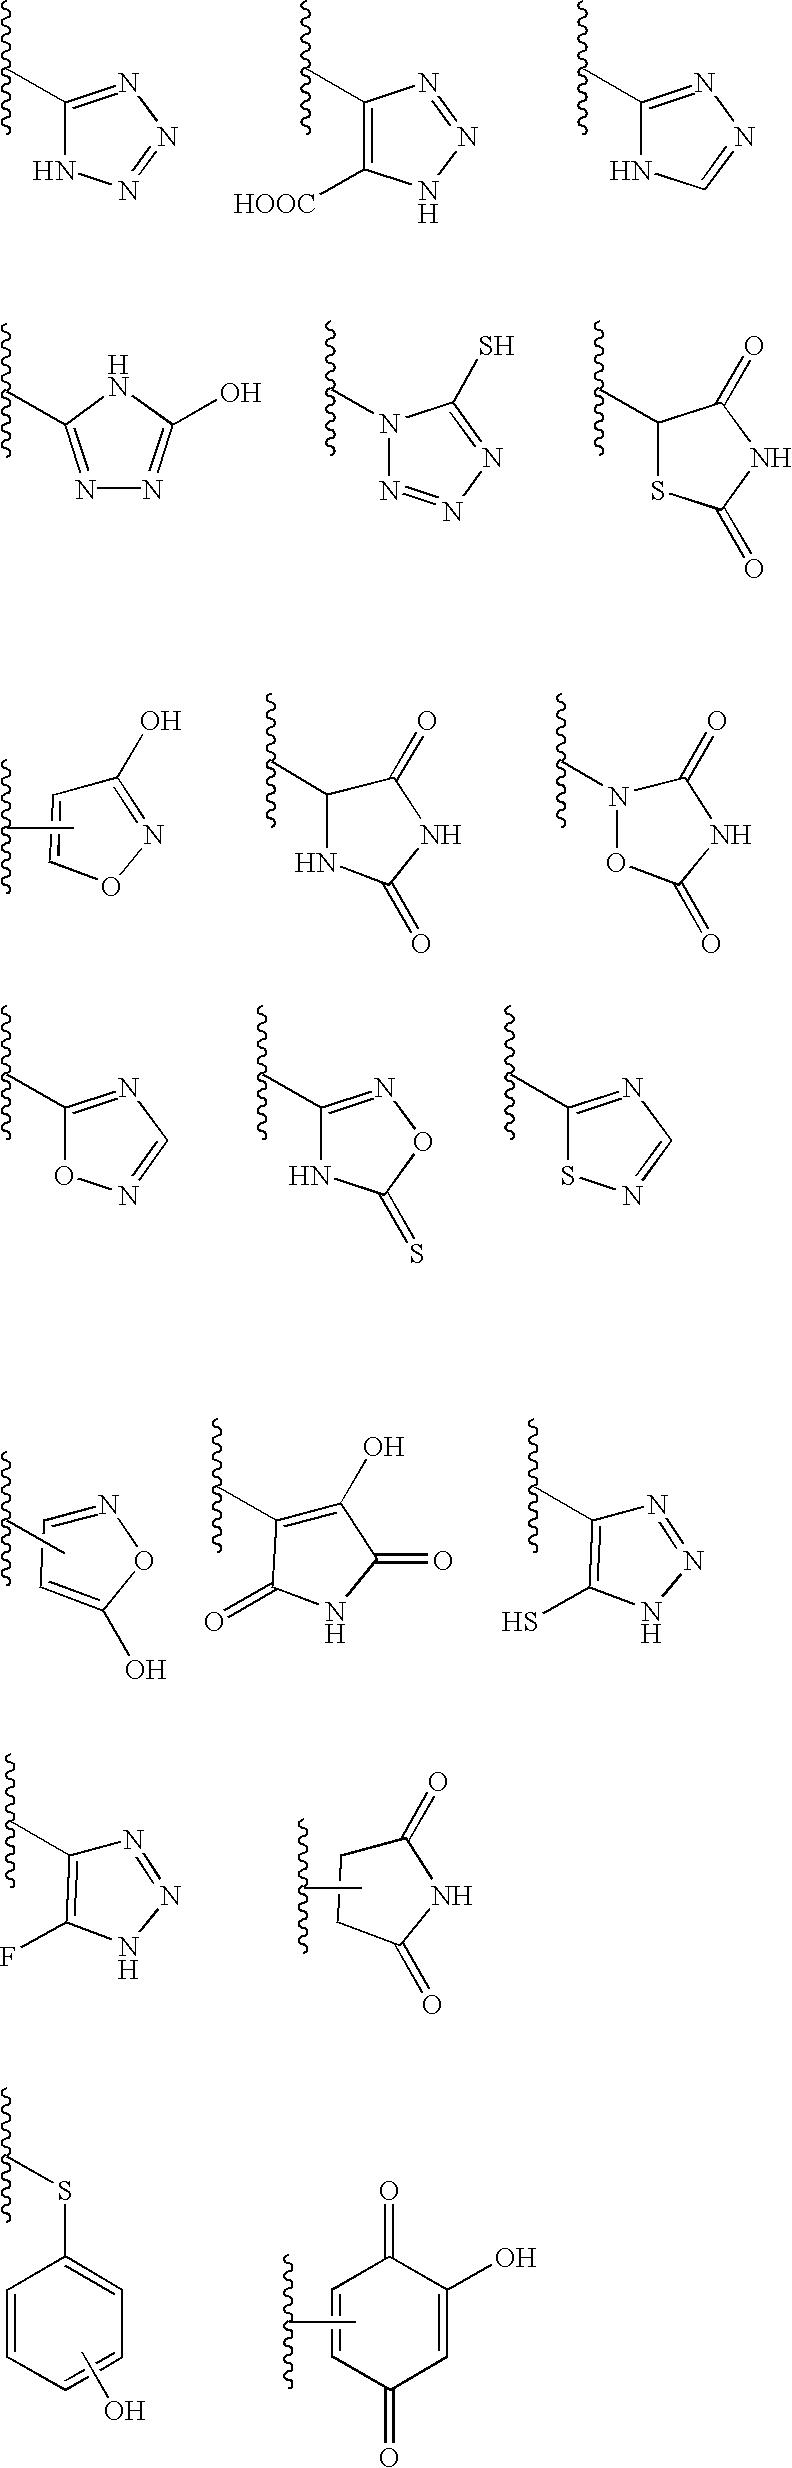 Figure US20030203890A1-20031030-C00182